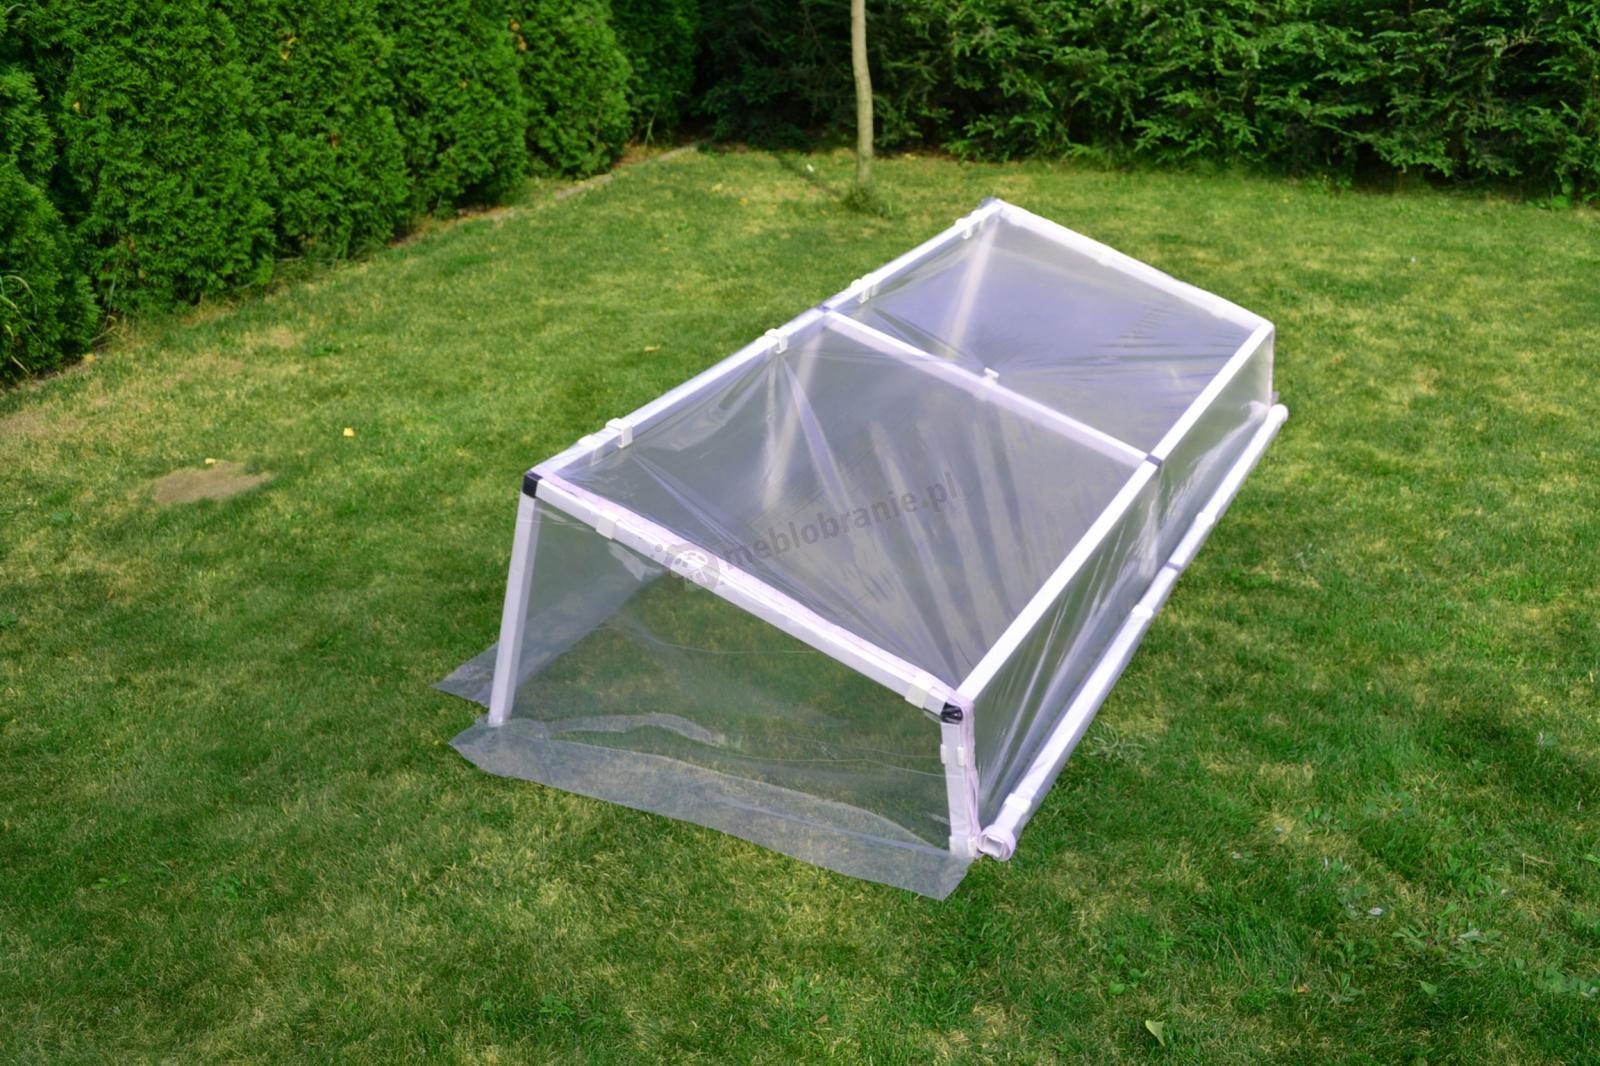 Rozsadnik – inspekt warzywny 1x3 m - stabilna konstrukcja